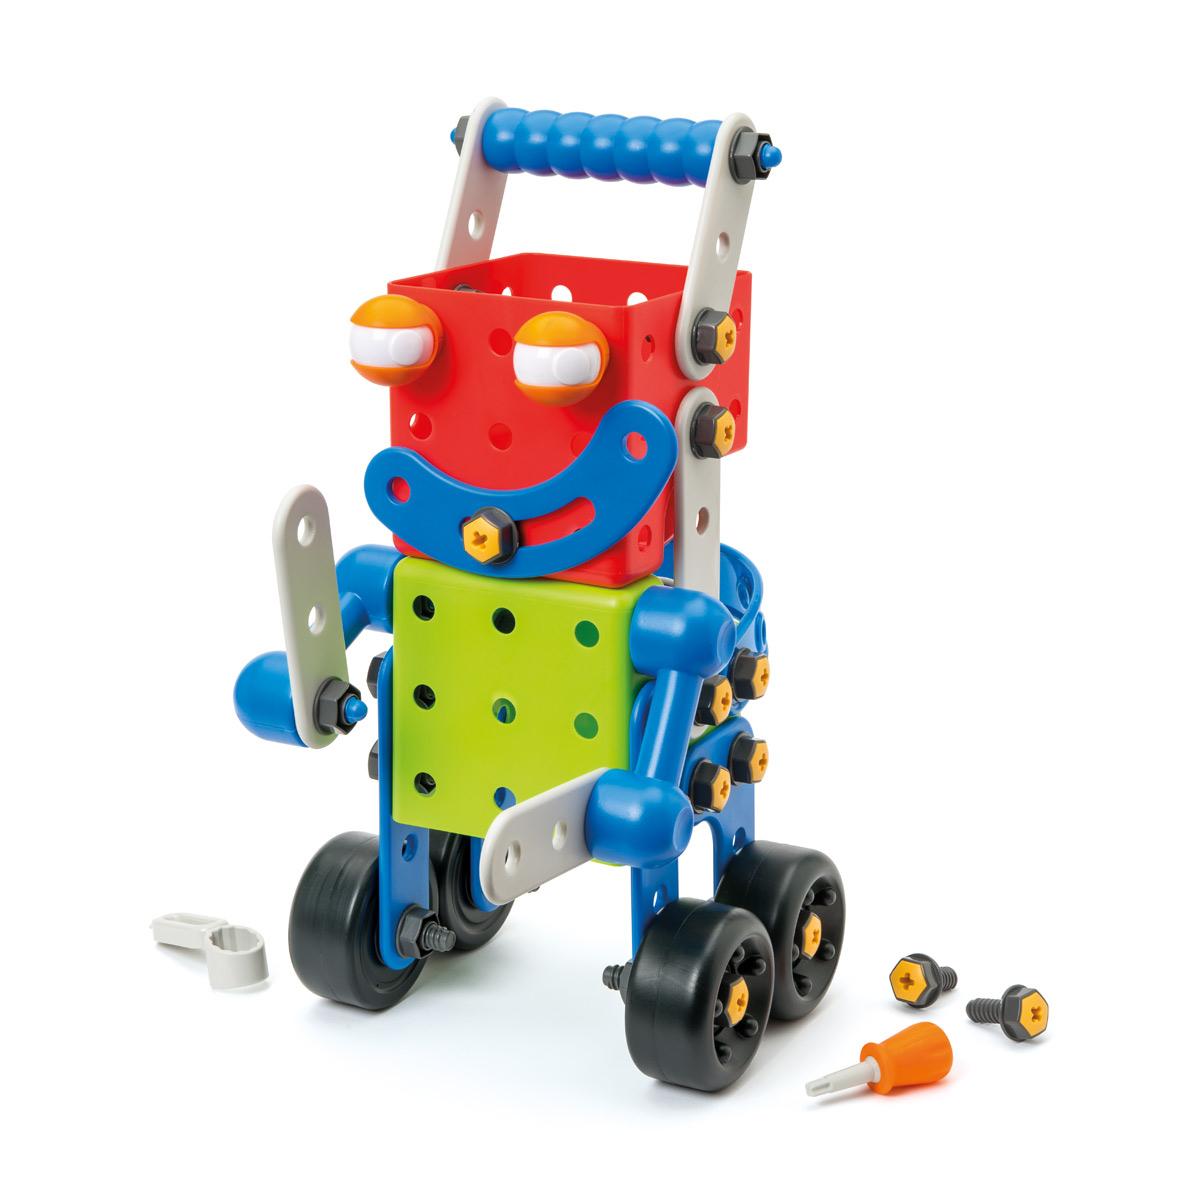 Robot Build It Géant 81 Pièces à Jeux Pour Un Enfant De 3 Ans